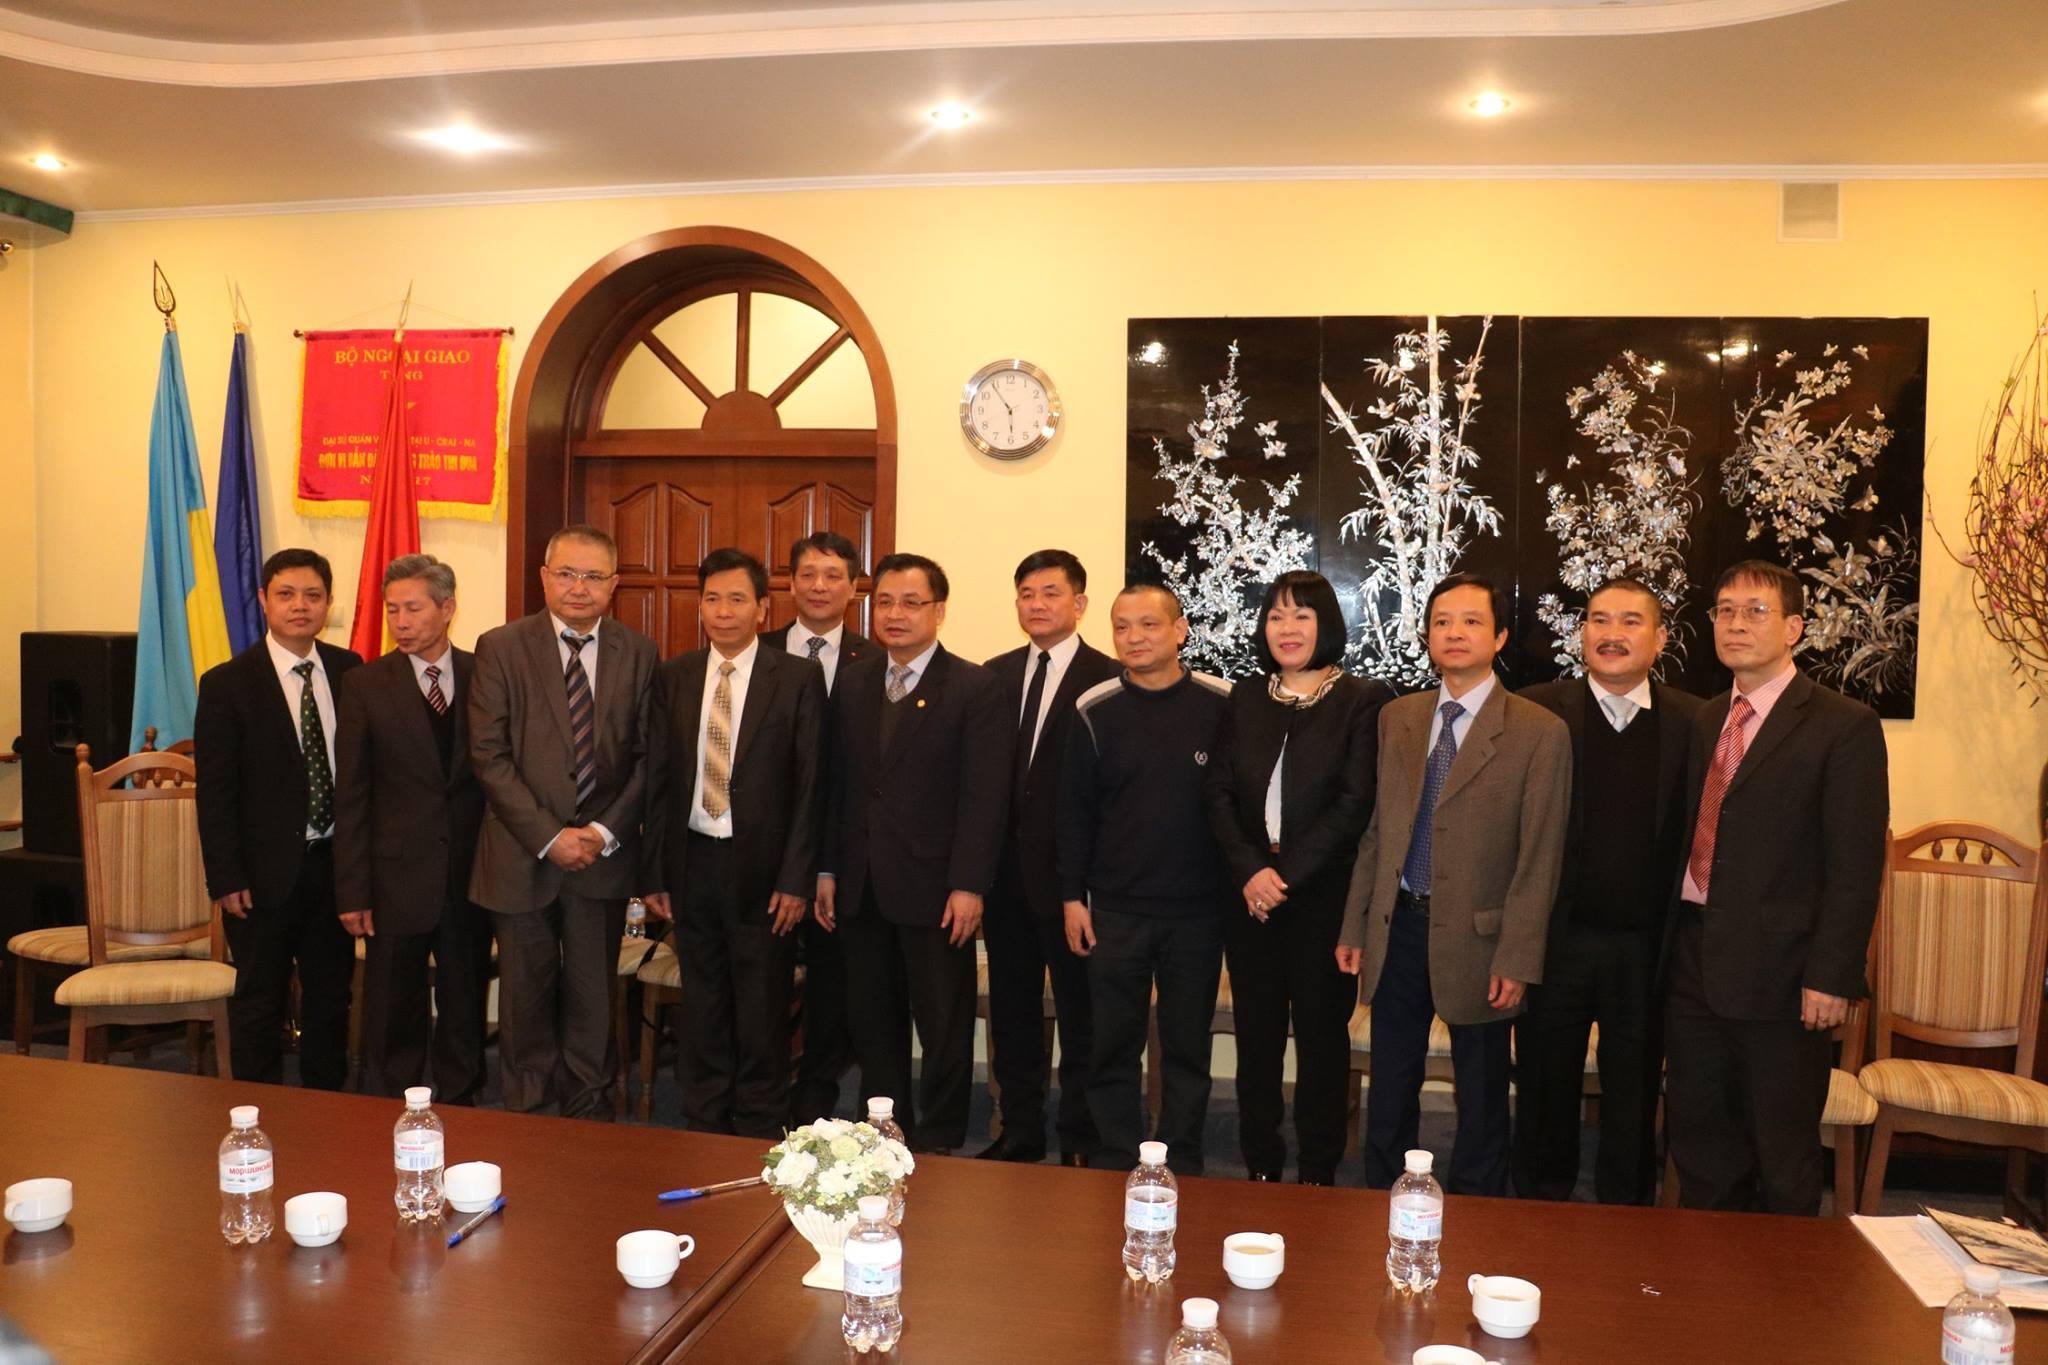 Hội nghị cán bộ chủ chốt cộng đồng người Việt Nam toàn Ucraina năm 2019